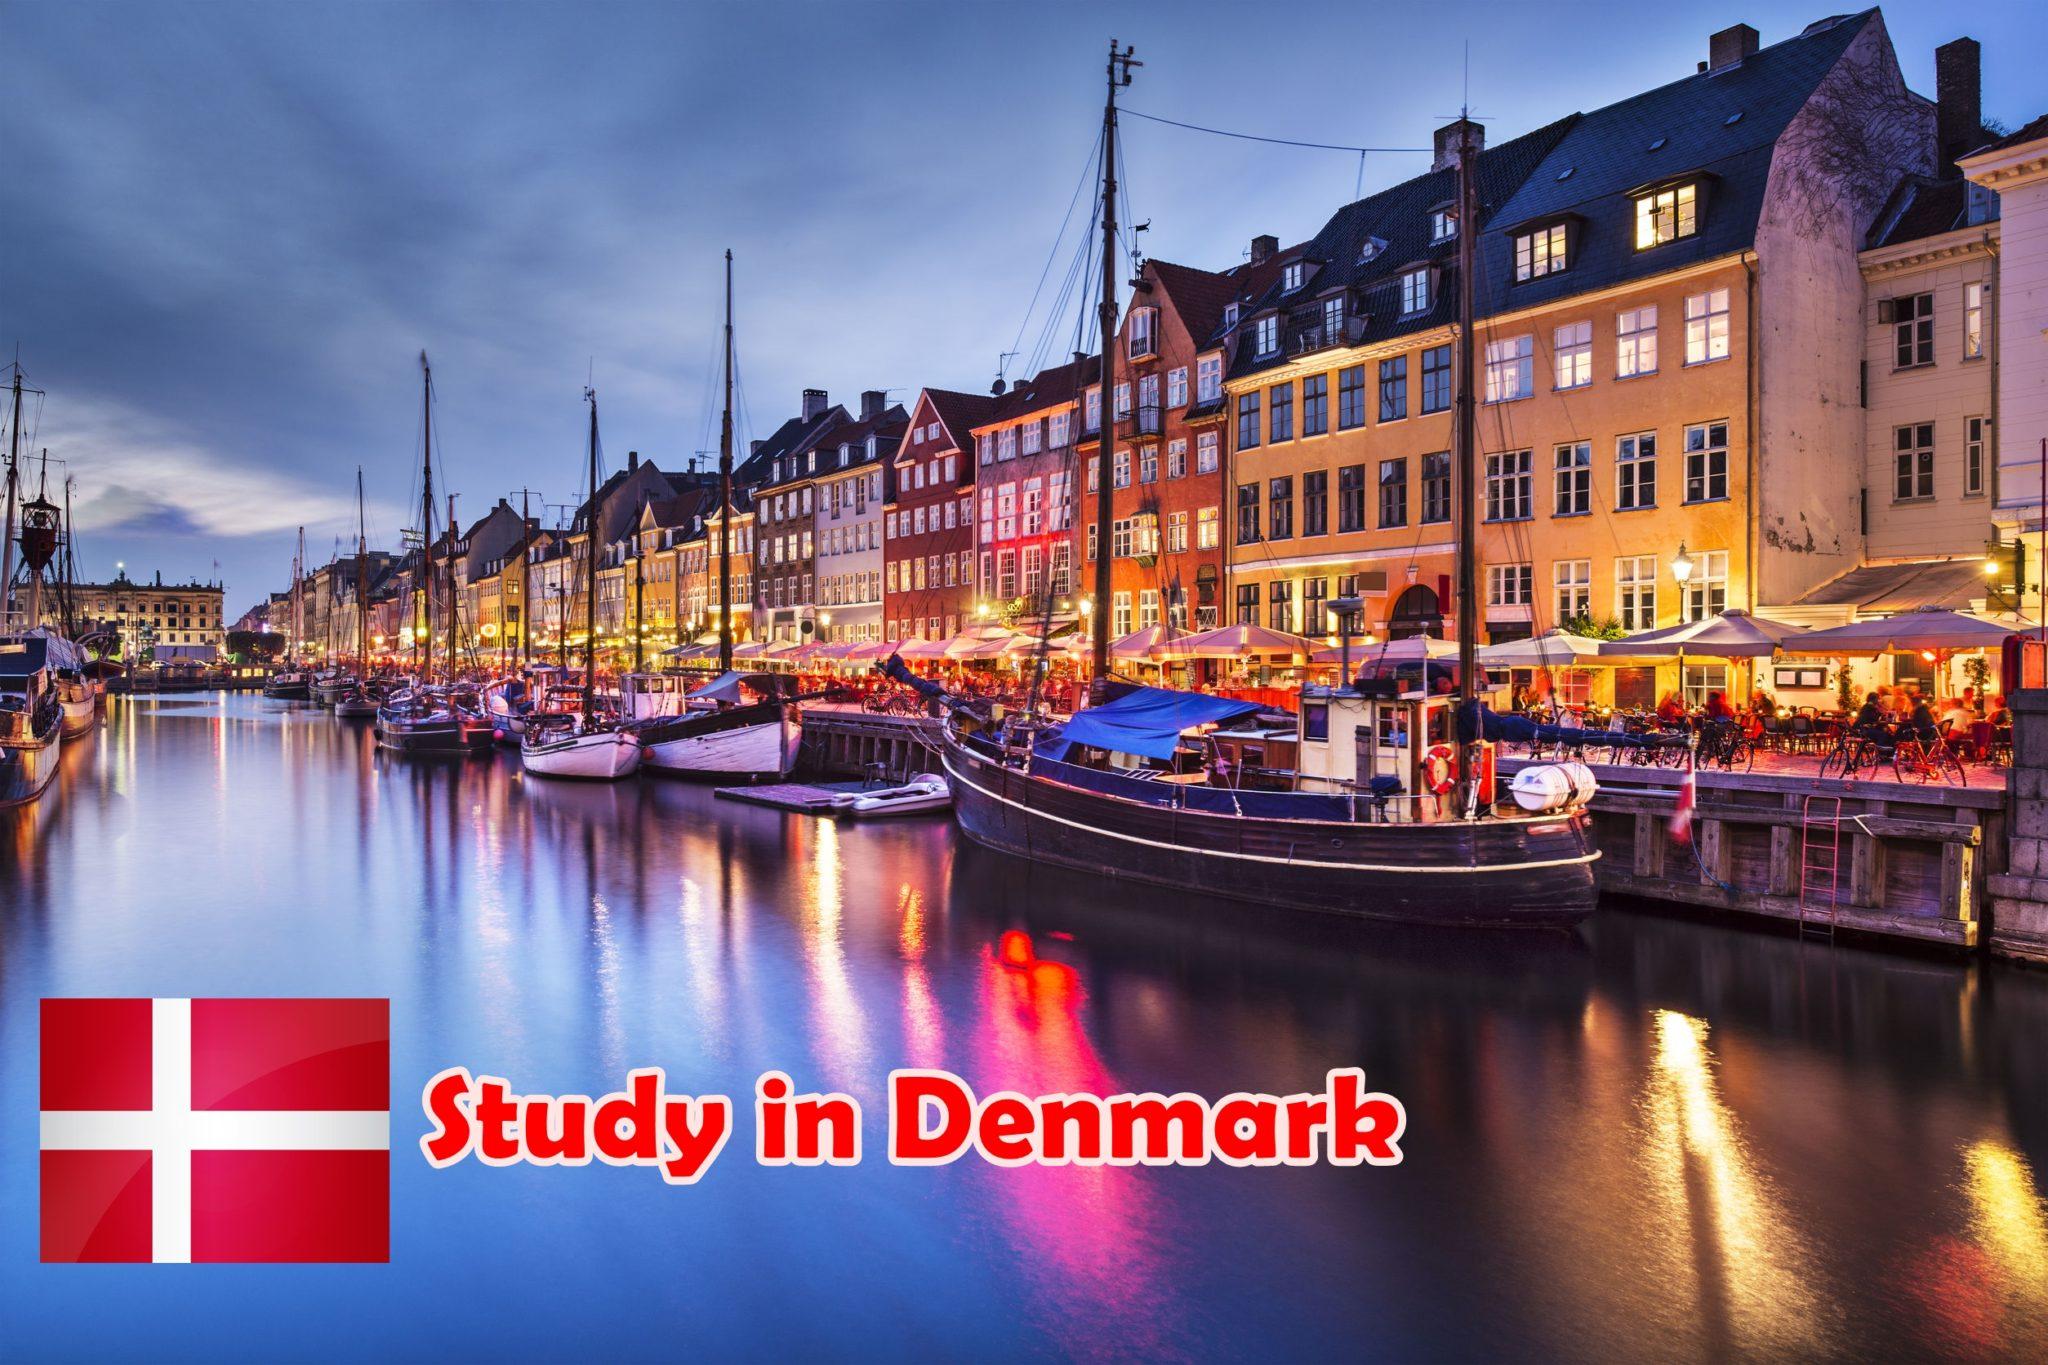 Дани улсын засгийн газрын тэтгэлэгт хөтөлбөр